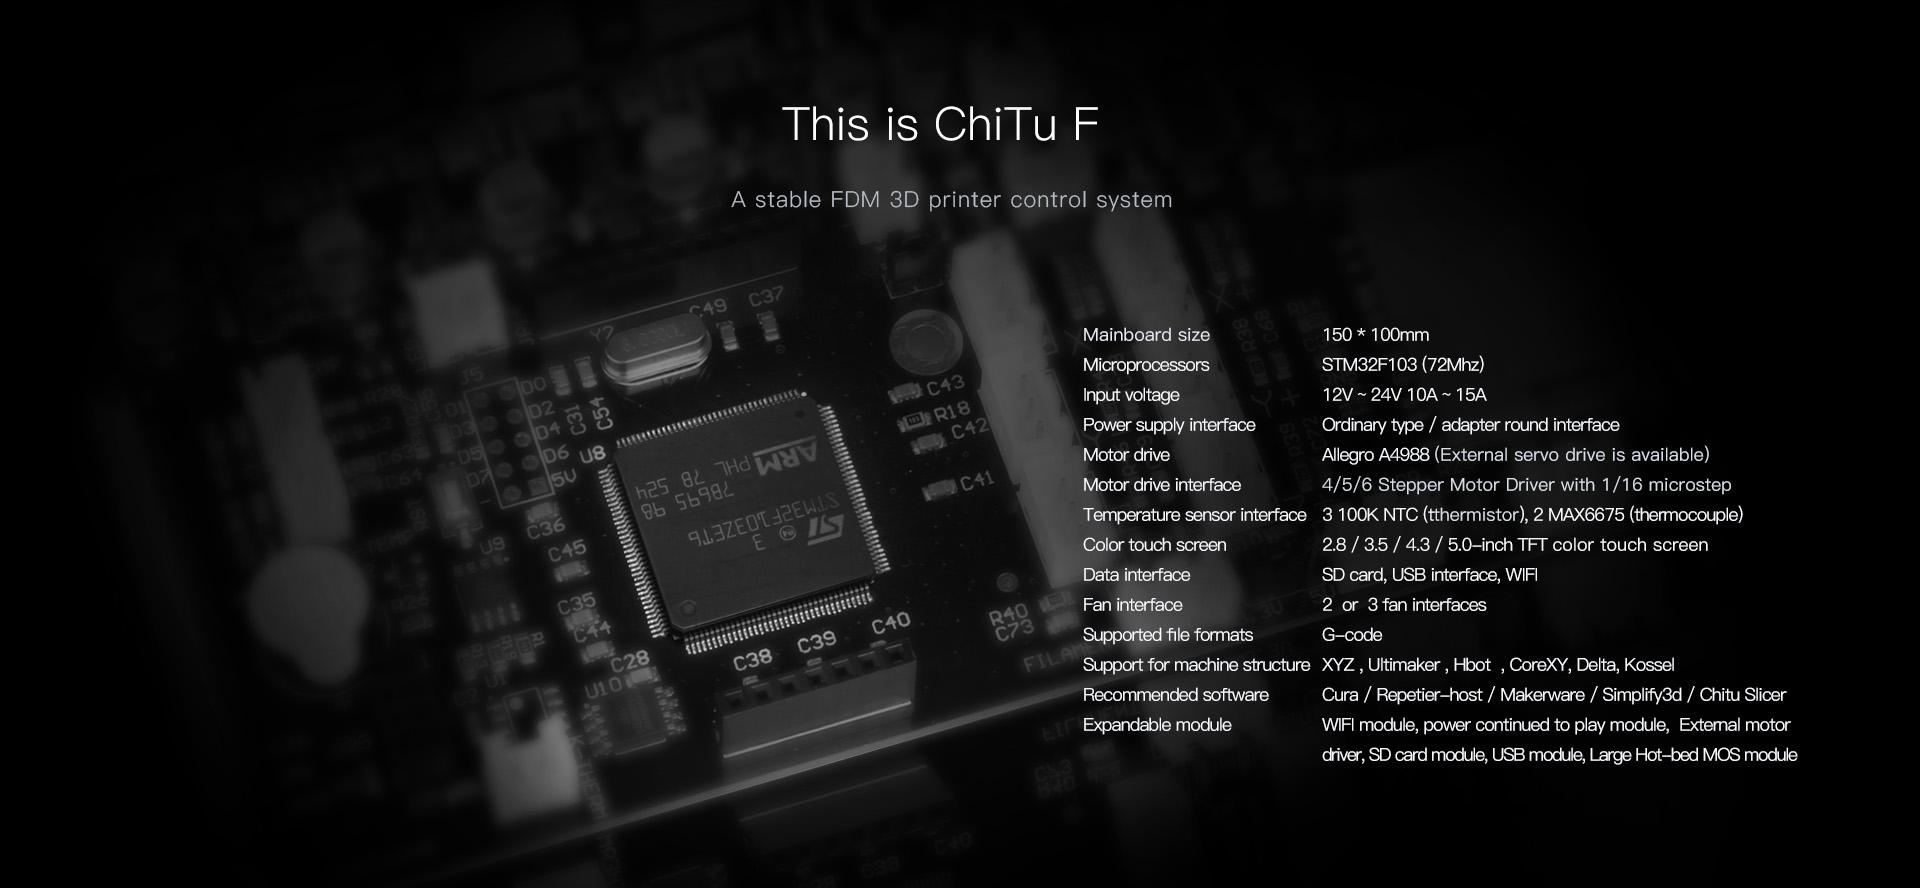 FR] ChiTu V3 9 32-bit ARM STM32 Controller · Issue #7264